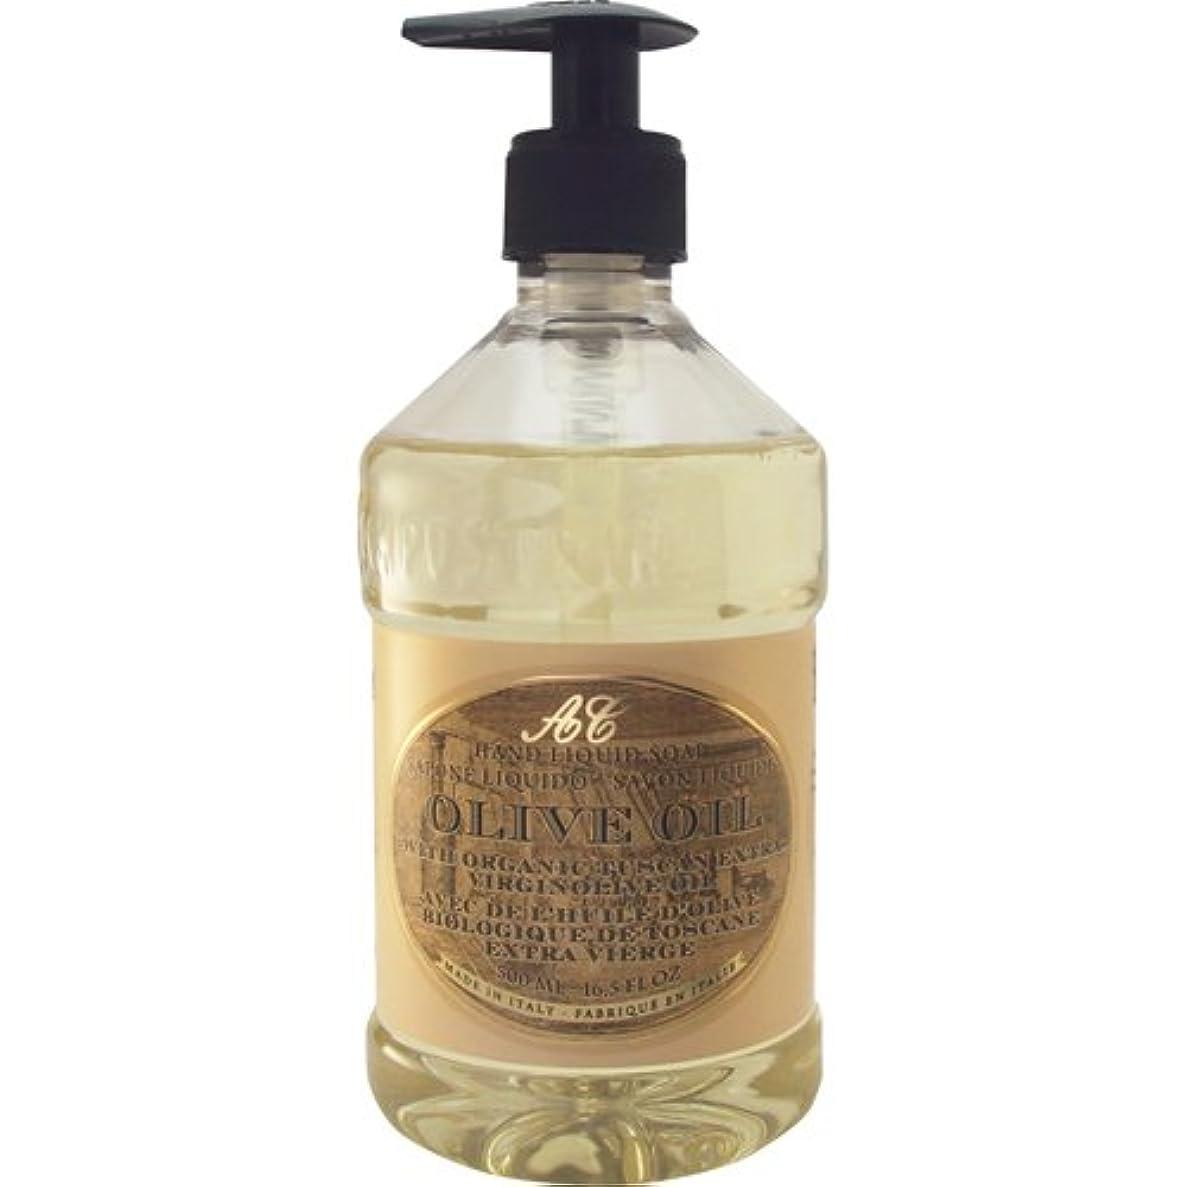 忠実クライアント脅威Saponerire Fissi レトロシリーズ Liquid Soap リキッドソープ 500ml Olive Oil オリーブオイル